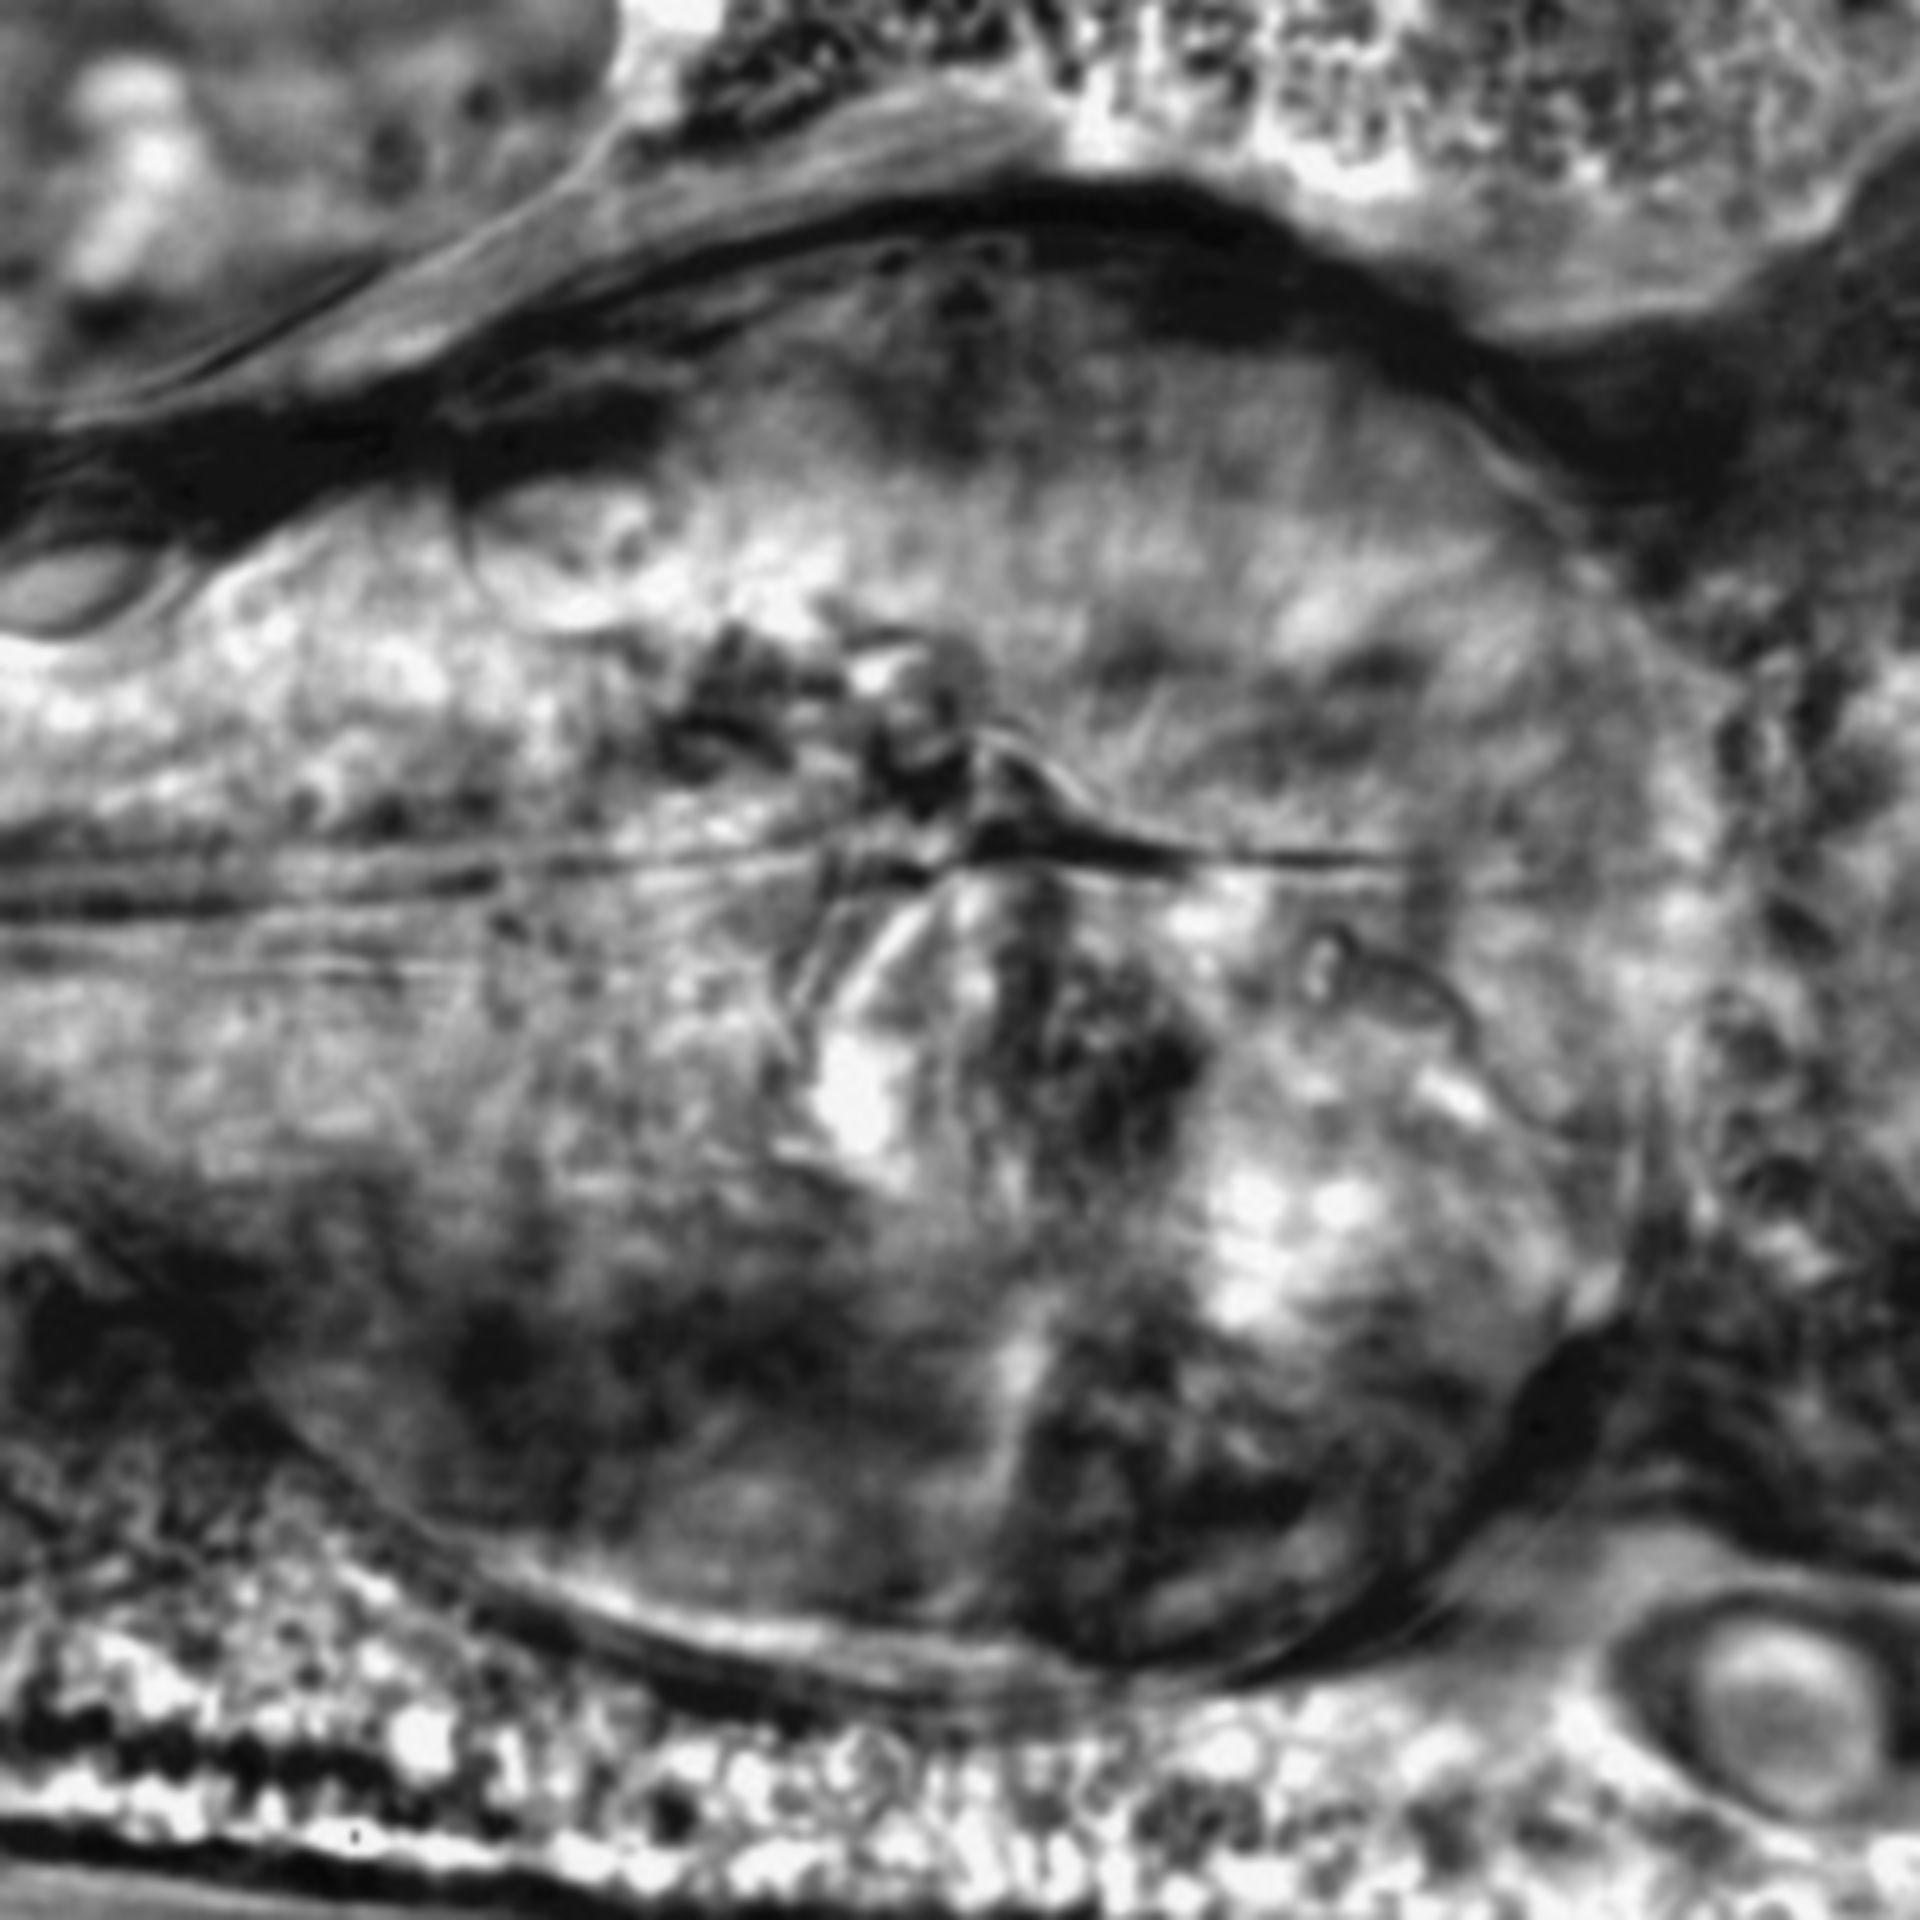 Caenorhabditis elegans - CIL:2785